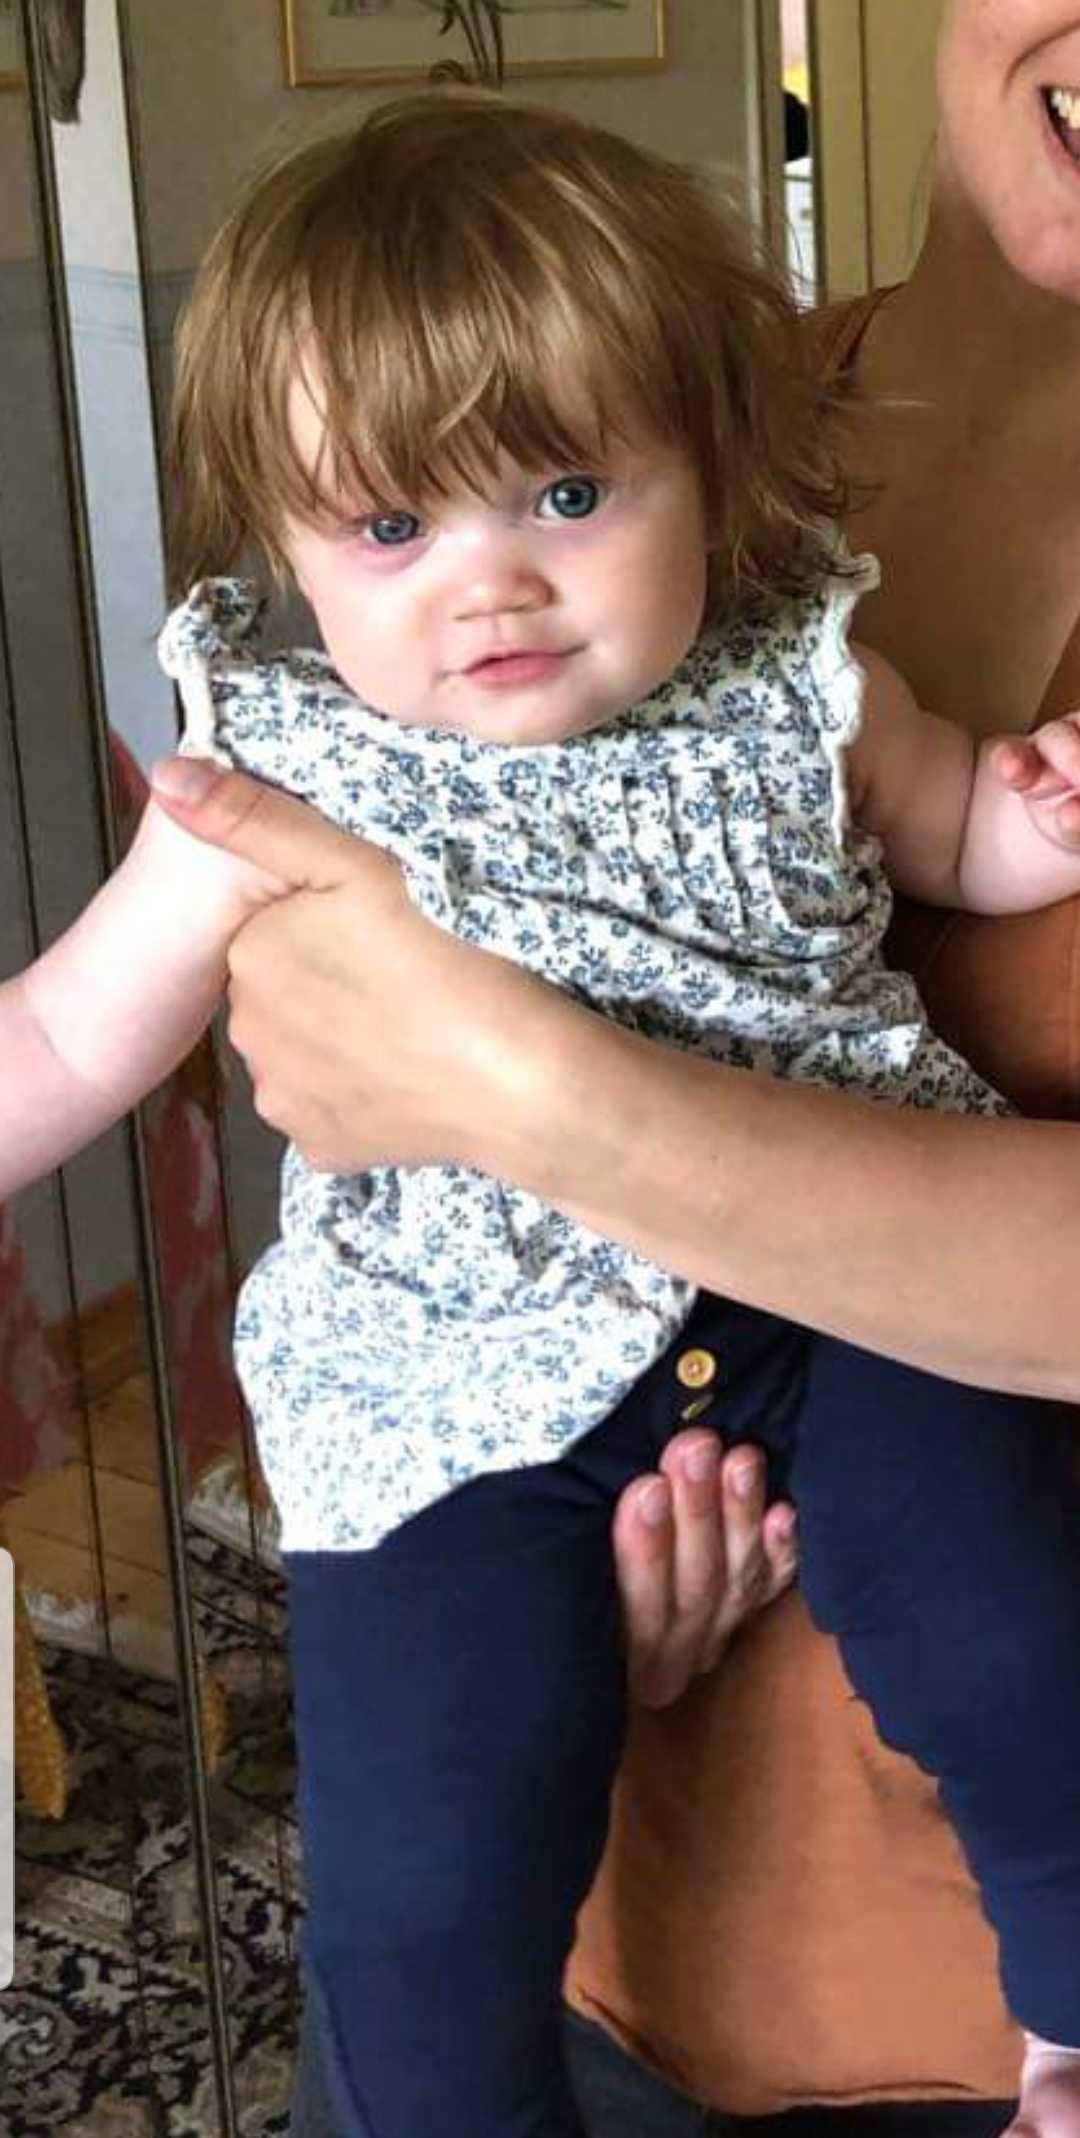 """""""Vår flicka Jolin föddes med mycket hår och nu vid snart åtta månader har vi klippt hennes lugg så många gånger att vi tappat räkningen""""' hälsar föräldrarna Mimmi Tankred och Daniel Gustavsson från Ulricehamn."""